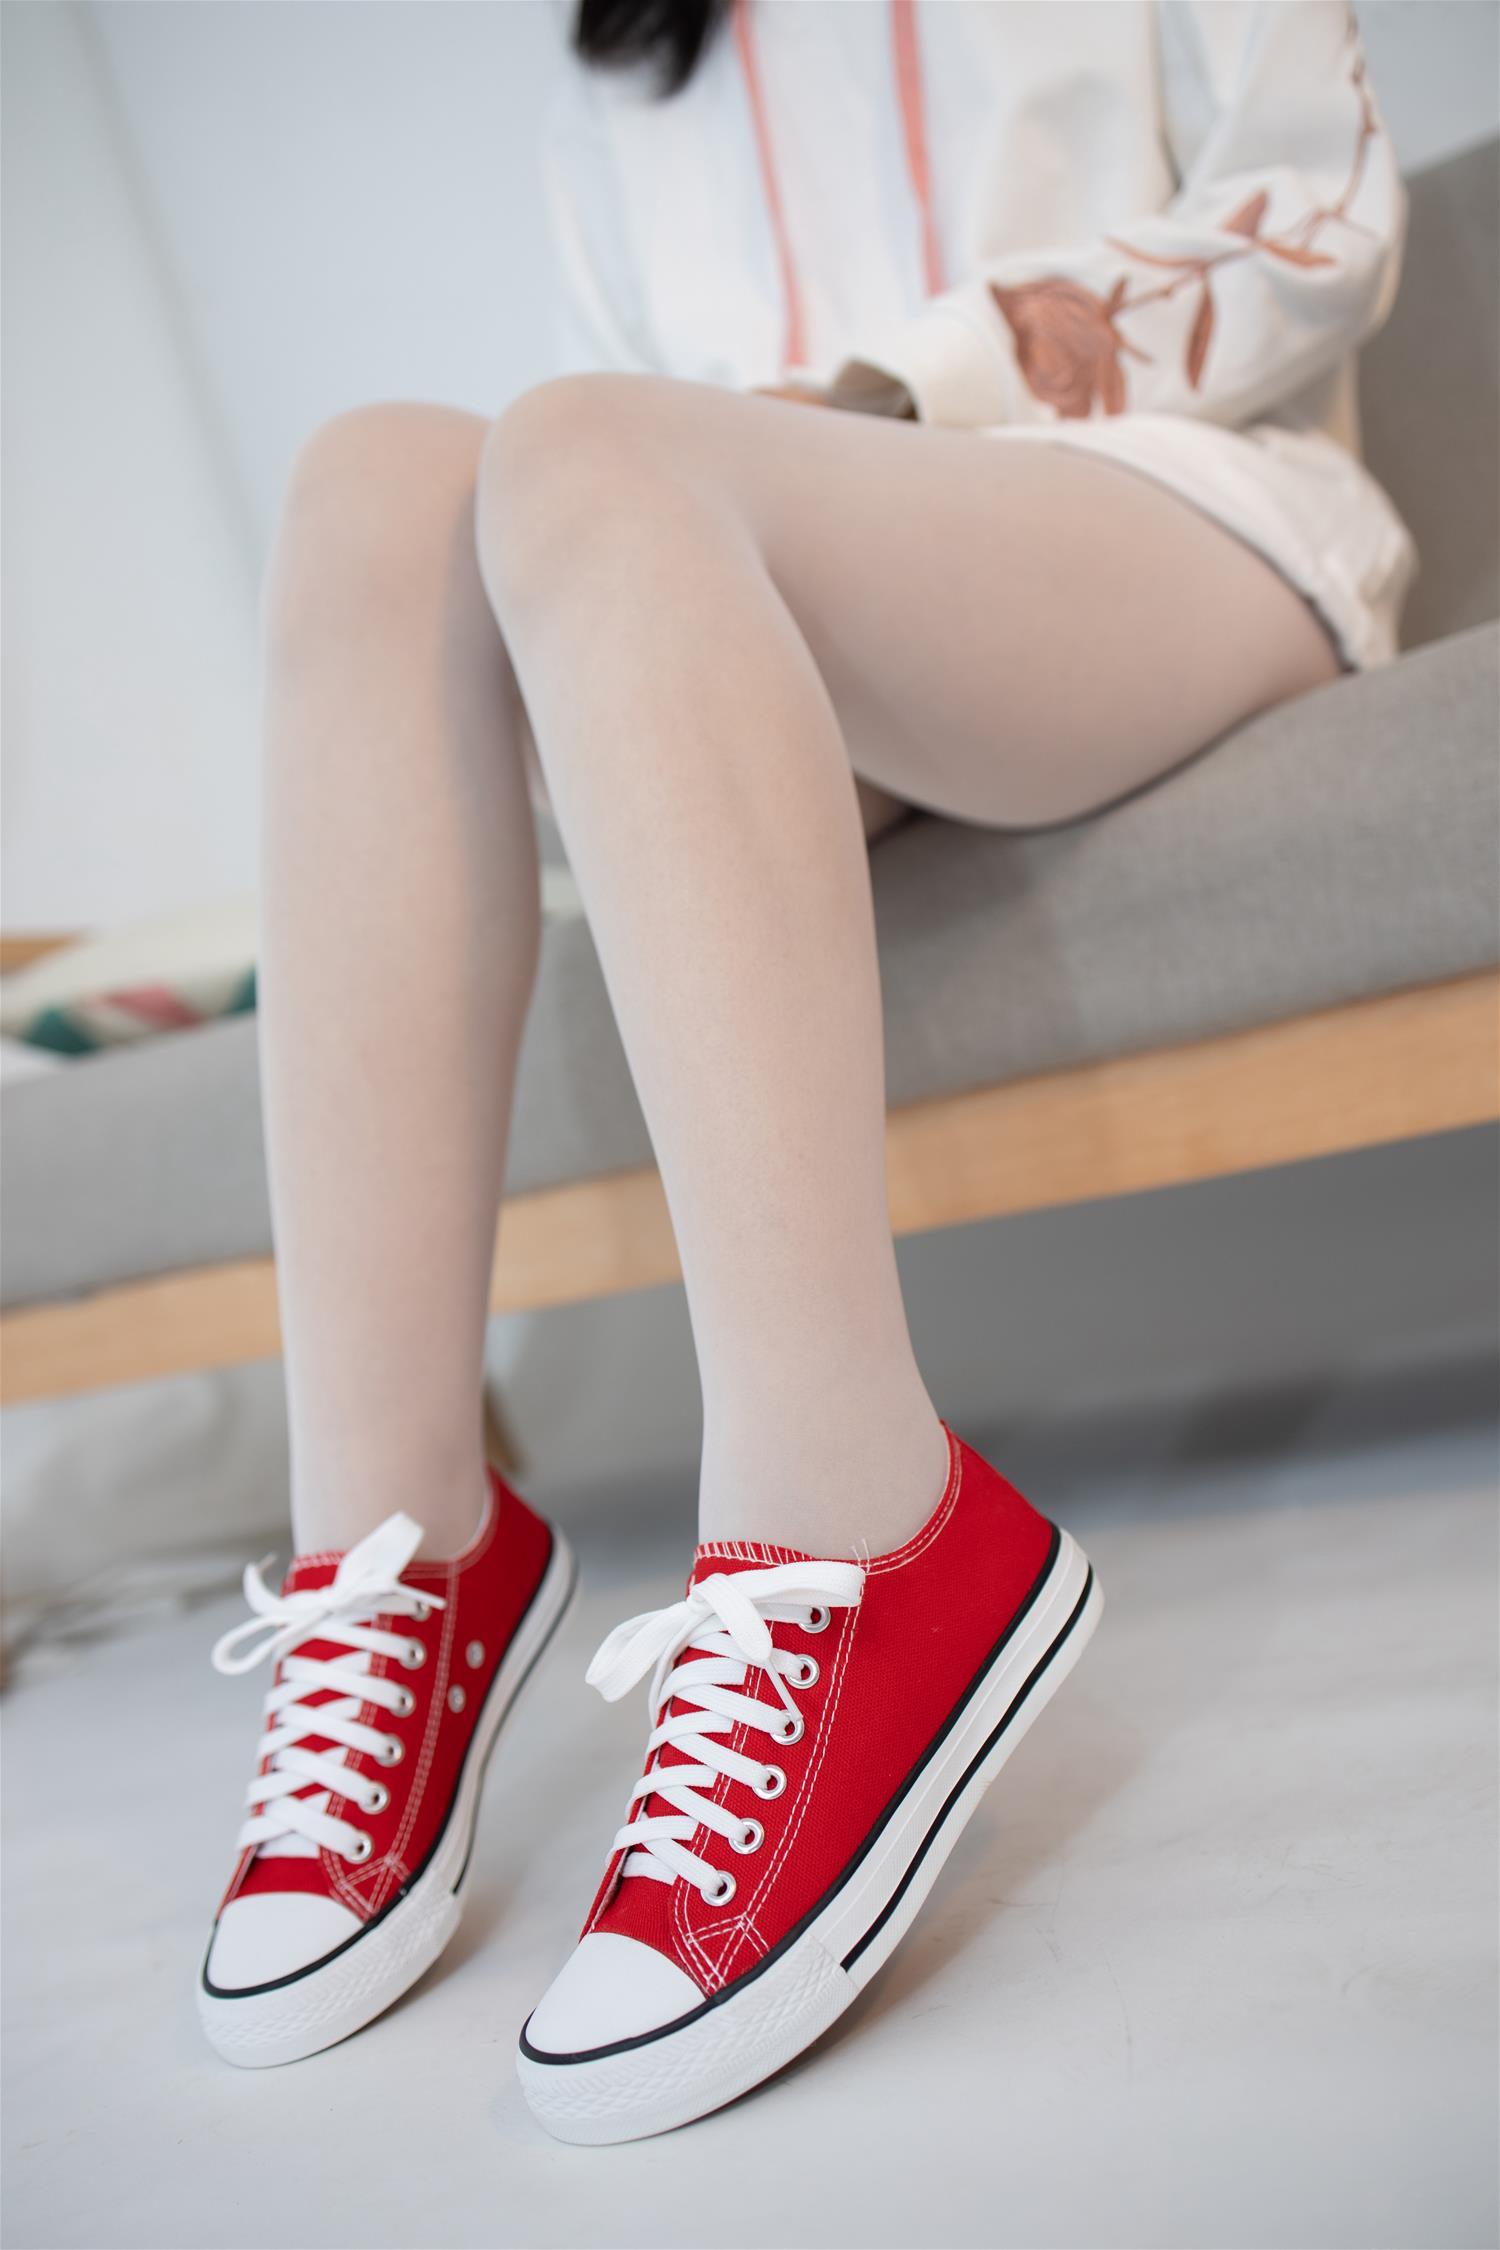 森萝财团 JKFUN-041 红色帆布鞋定制 13D白丝 小夜 [50P1V-1.79G] 森萝财团-第2张